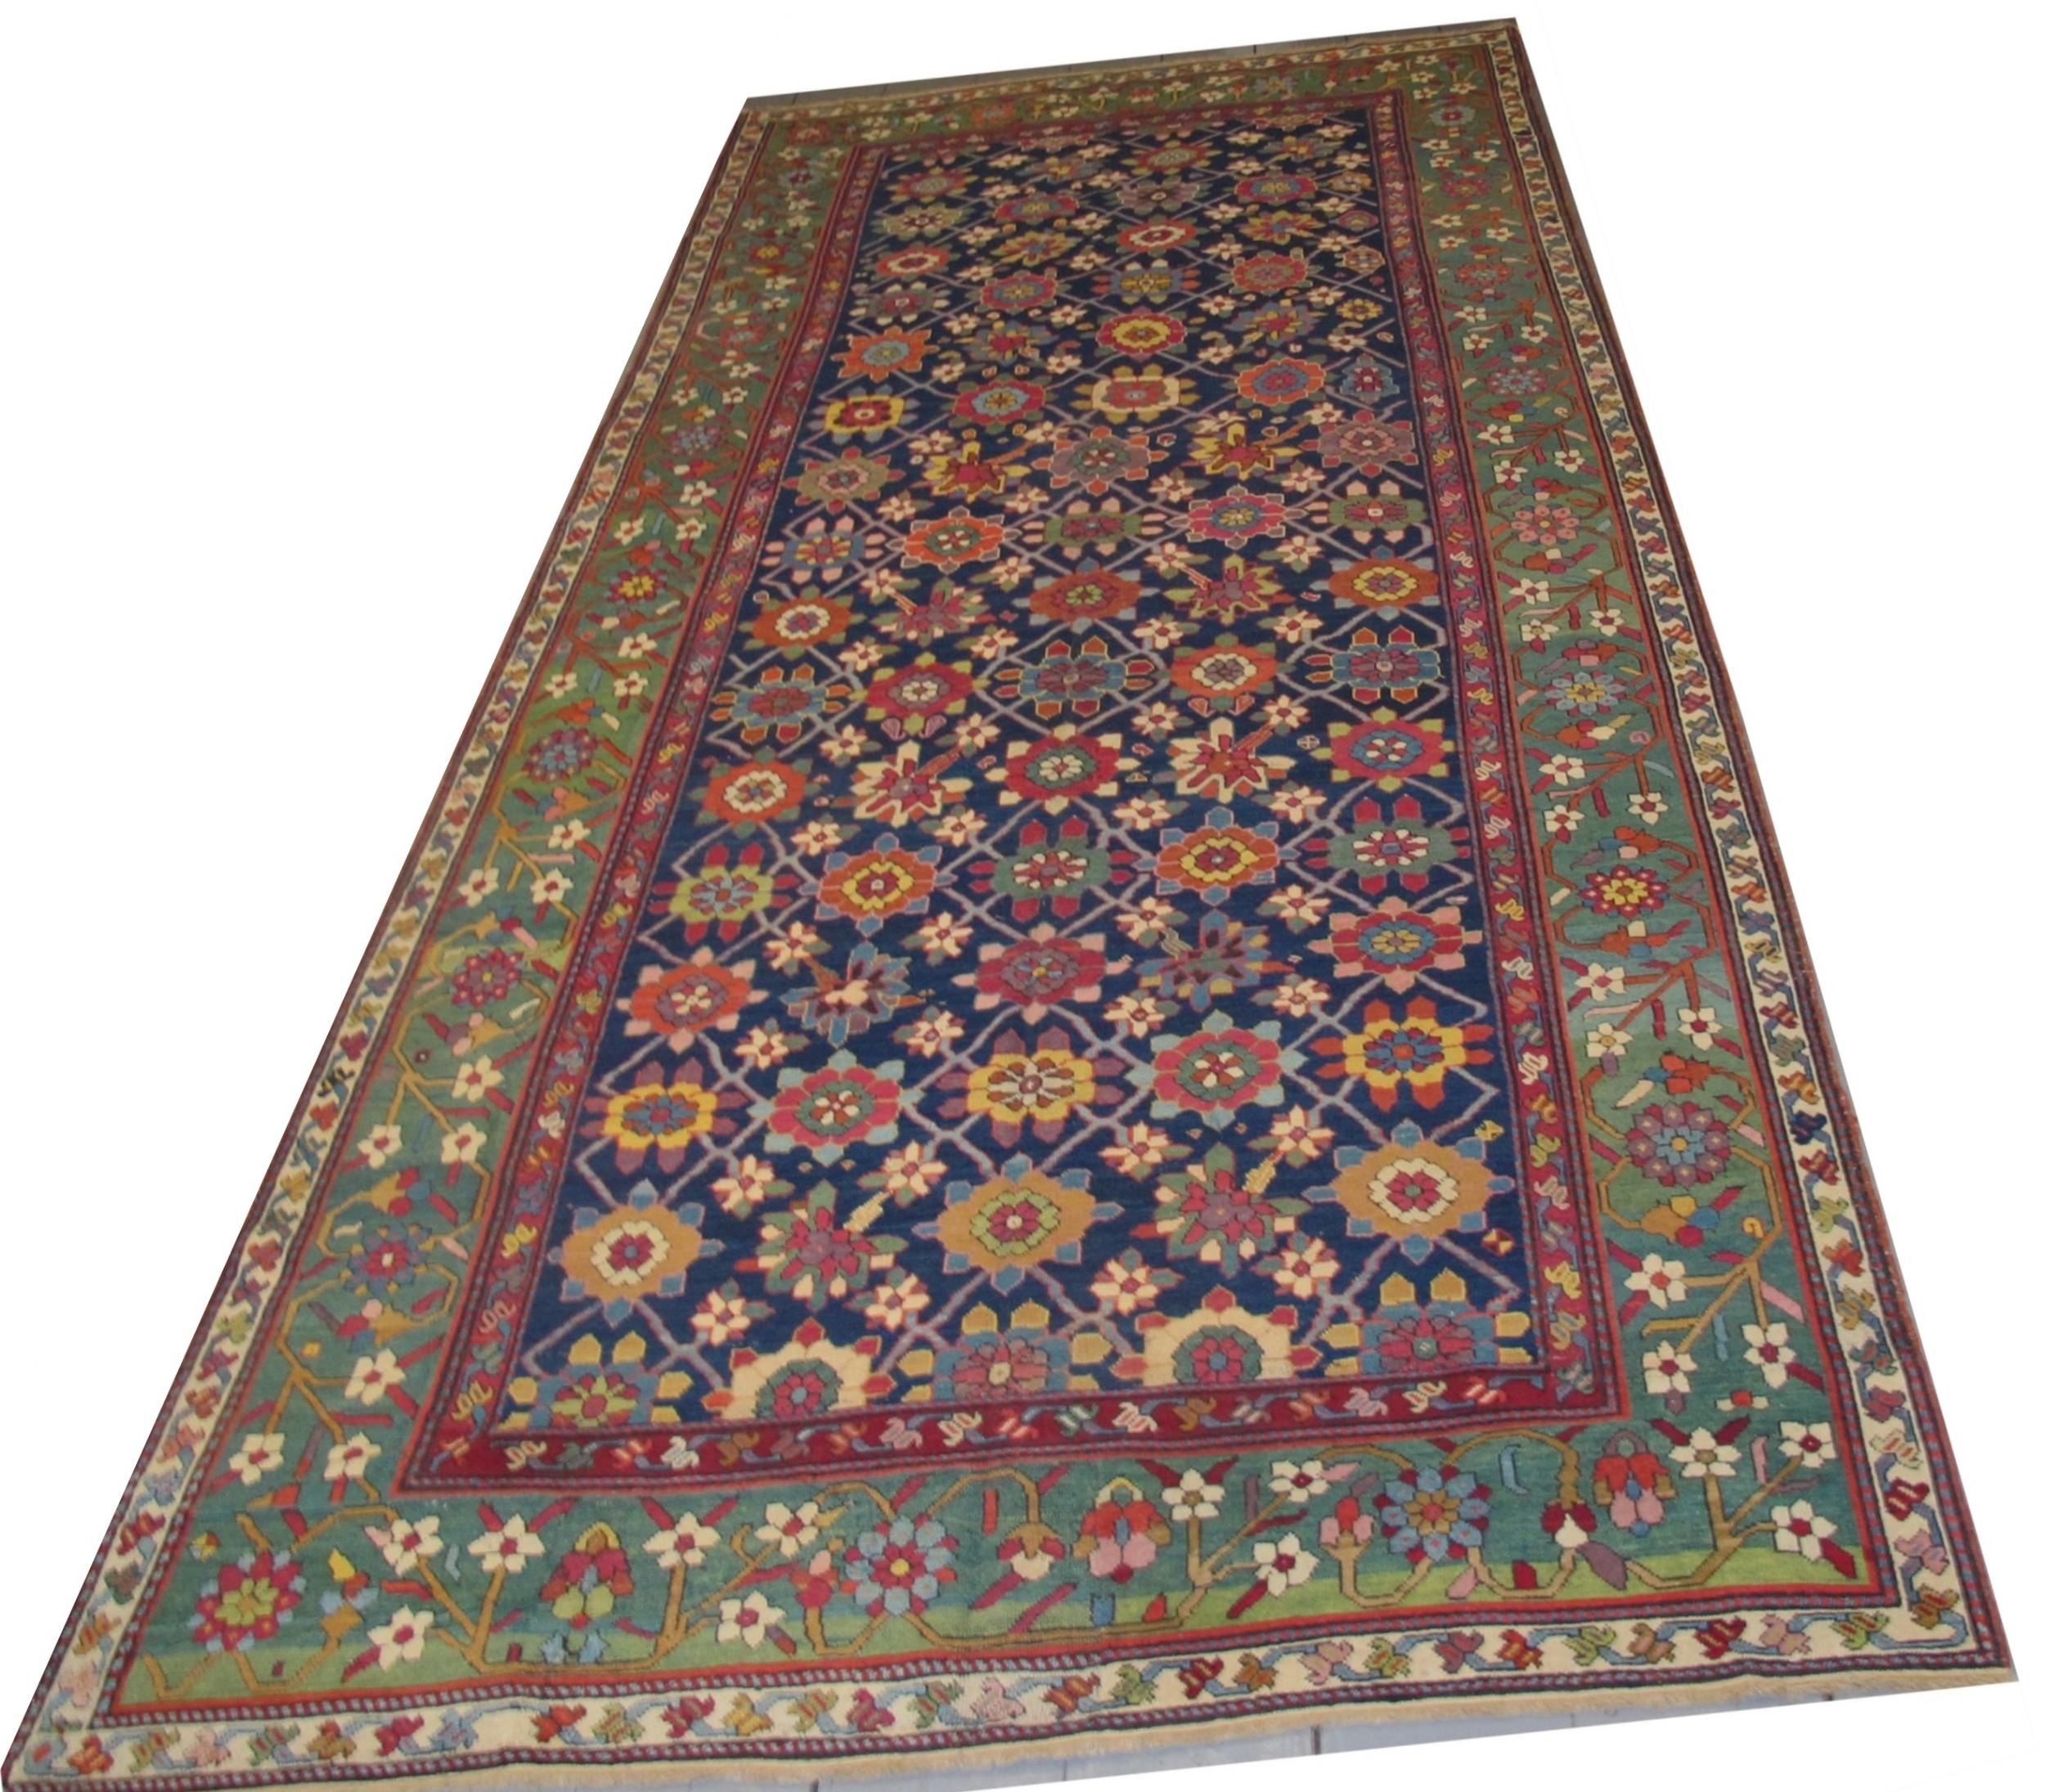 antique karabagh carpet caucasus circa 1820 473m x 206m